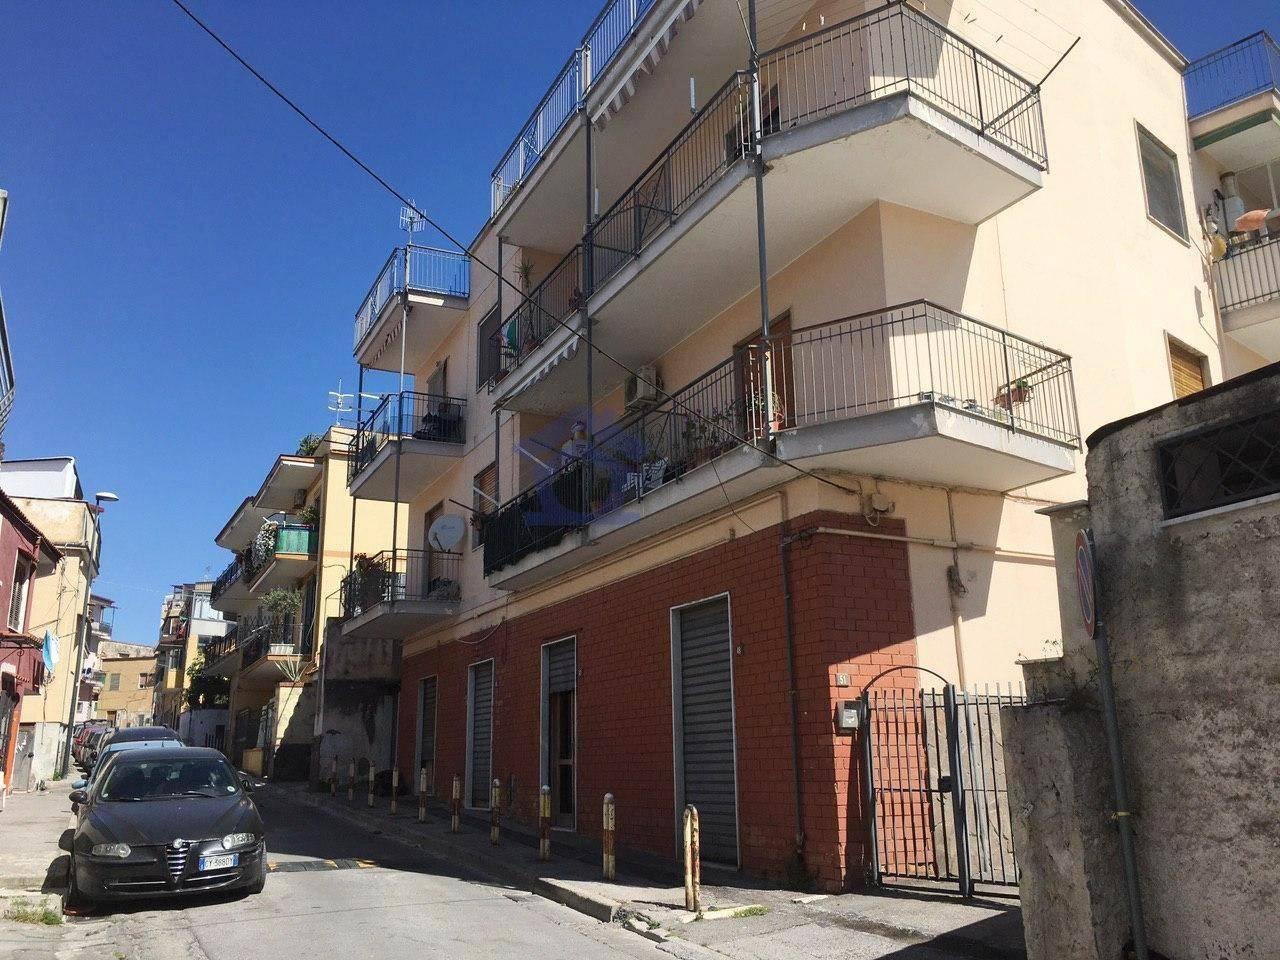 Appartamento in vendita a Trecase, 2 locali, zona Località: trecase, prezzo € 90.000 | CambioCasa.it